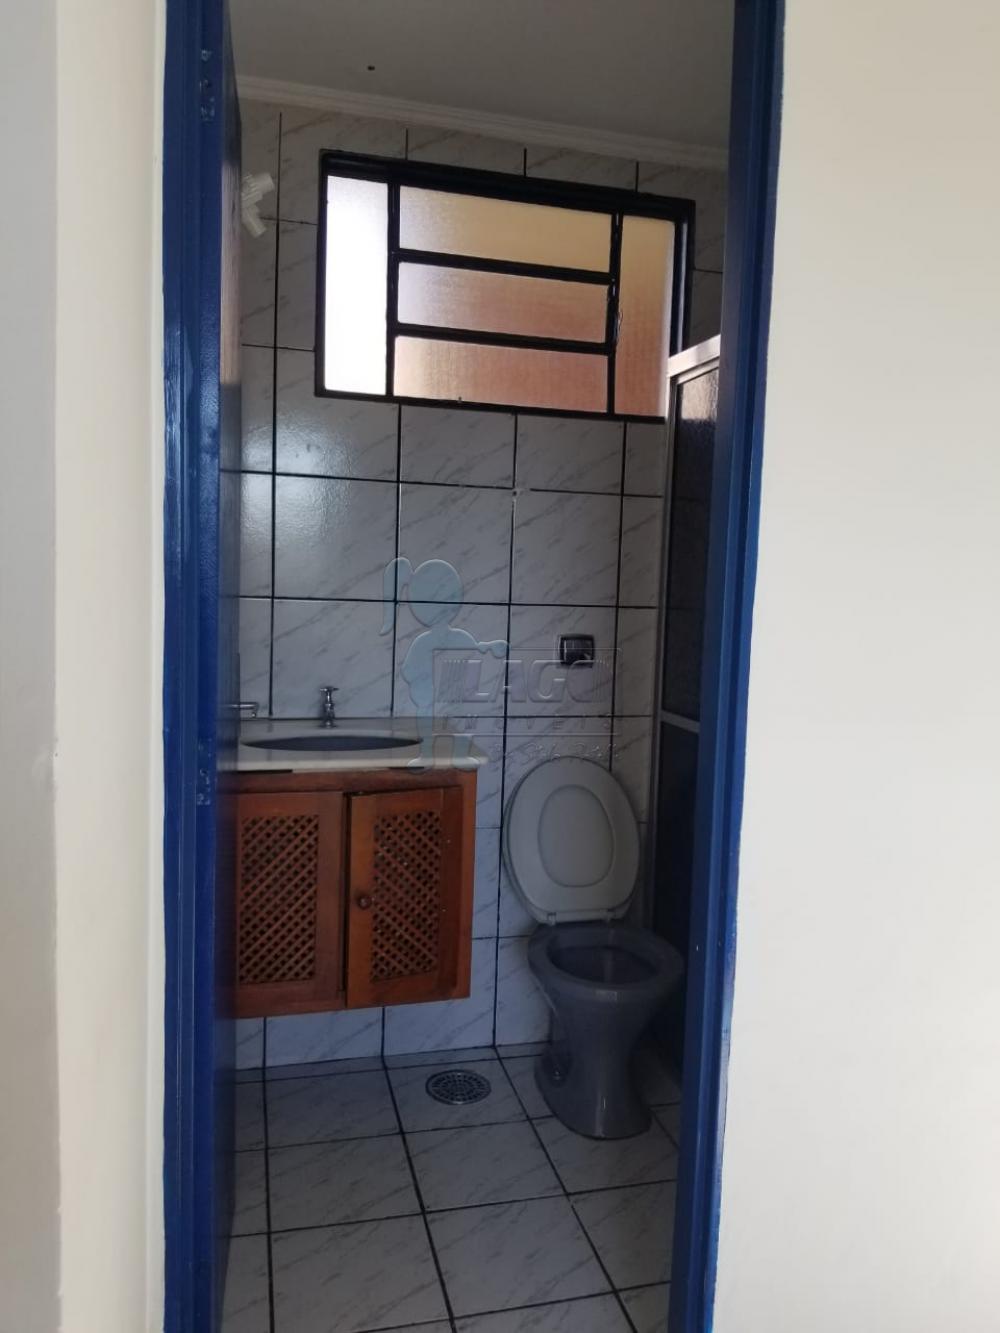 Alugar Apartamento / Padrão em Ribeirão Preto apenas R$ 700,00 - Foto 20